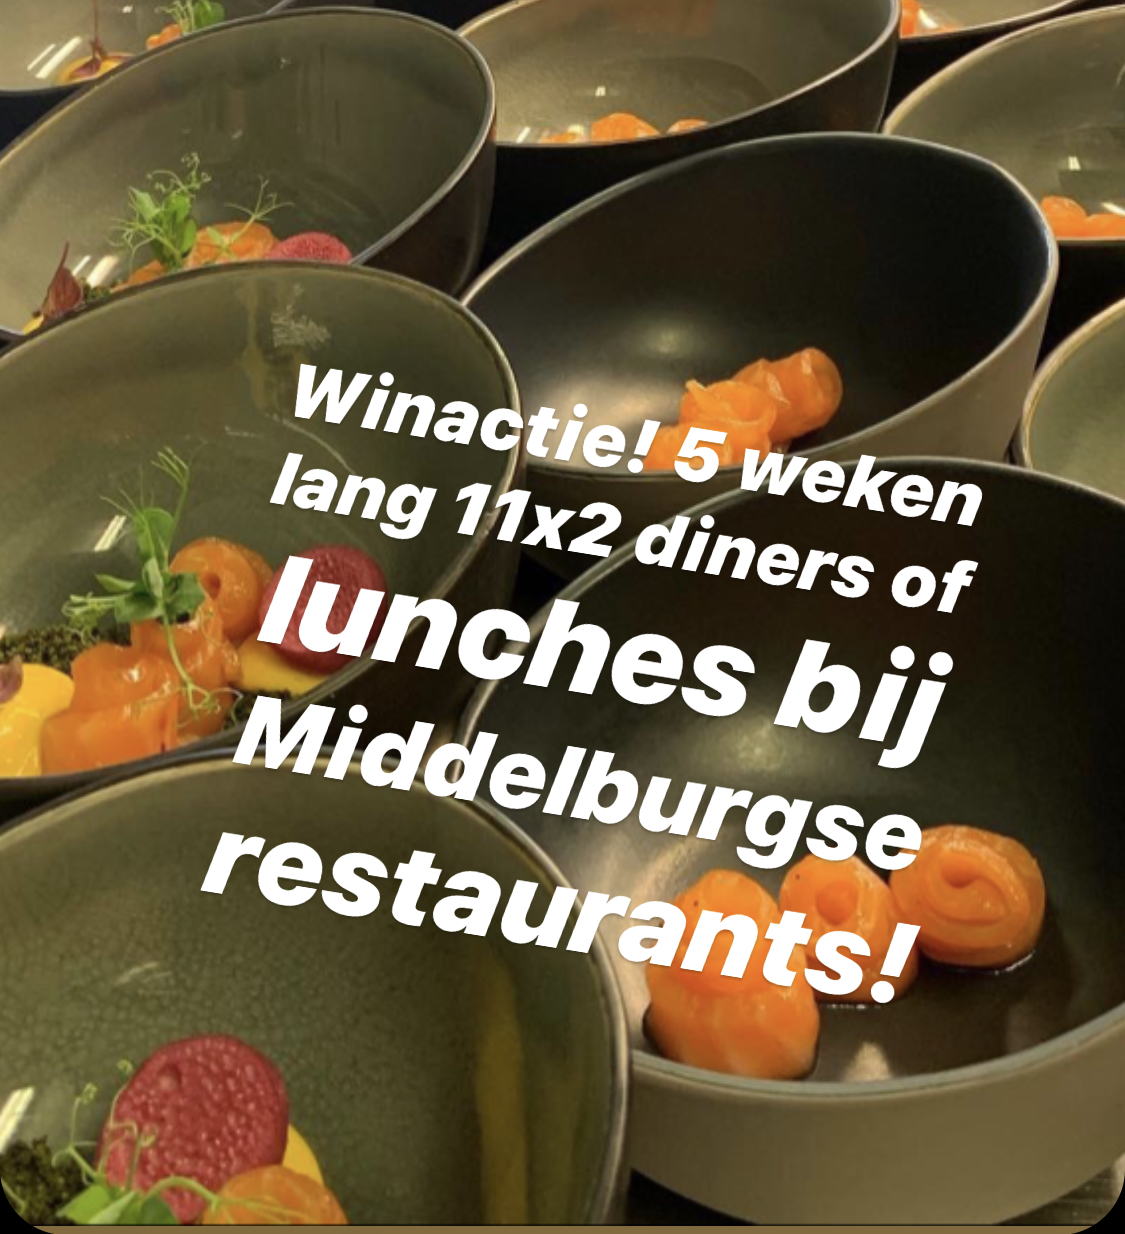 Afbeelding #000 voor het verhaal Winactie: 5 weken 11x2 diners of lunches bij Middelburgse restaurants